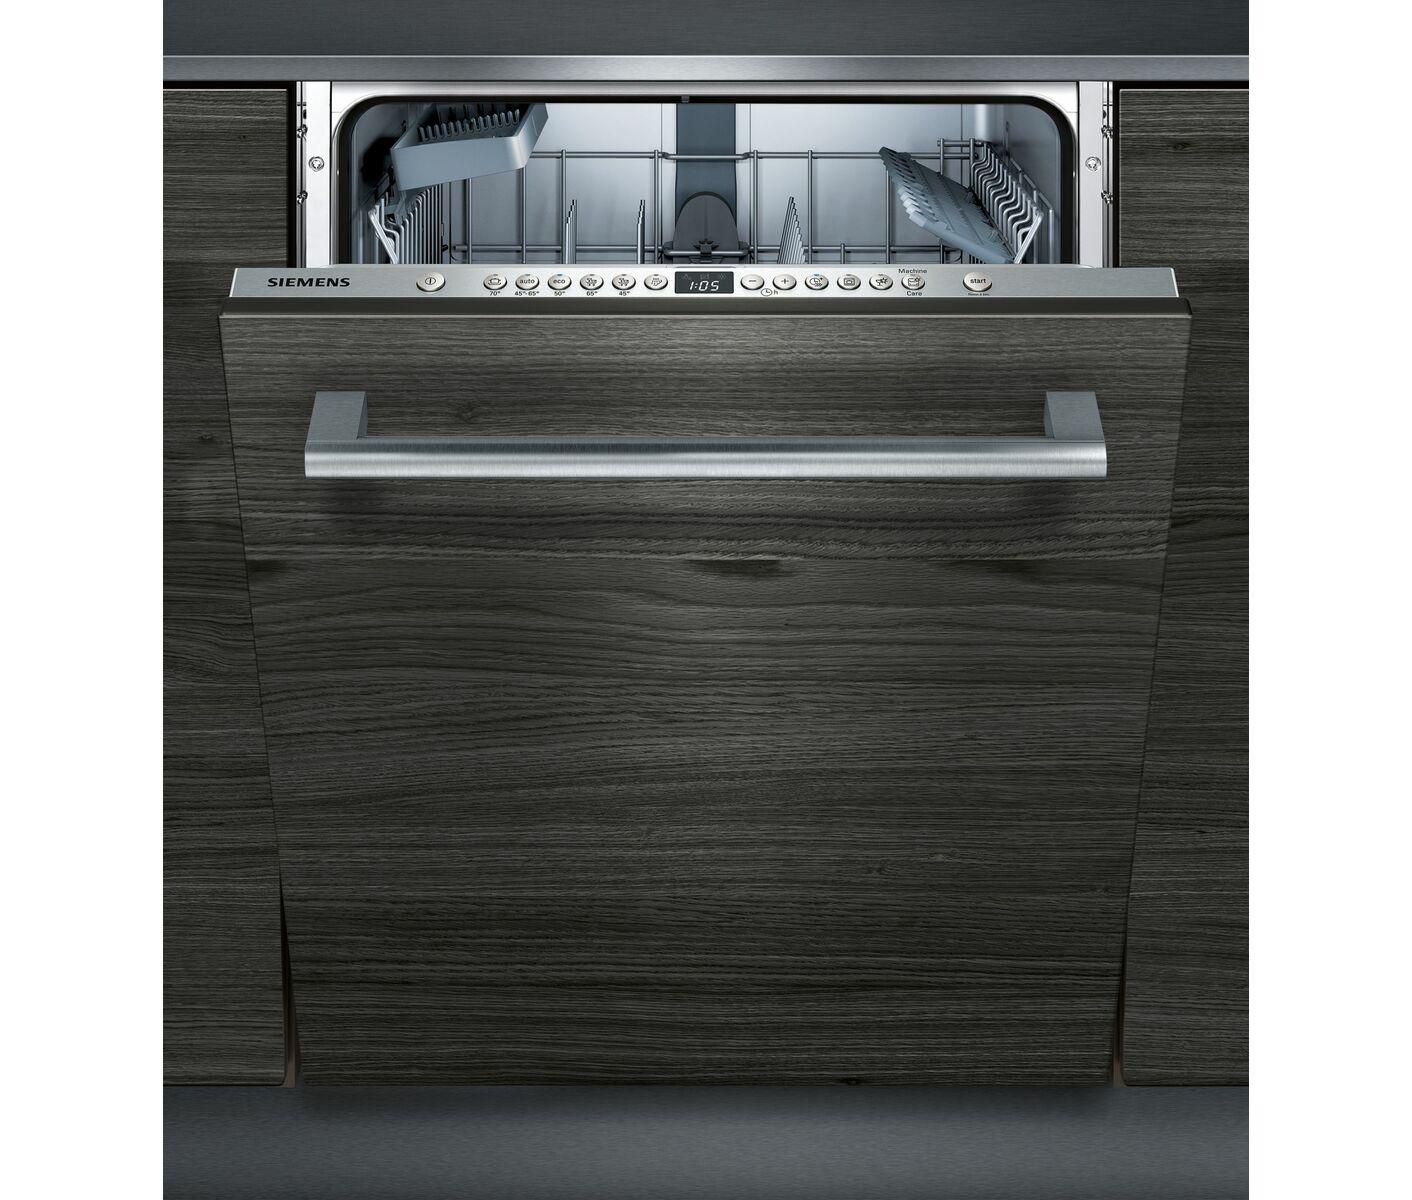 bedste opvaskemaskine